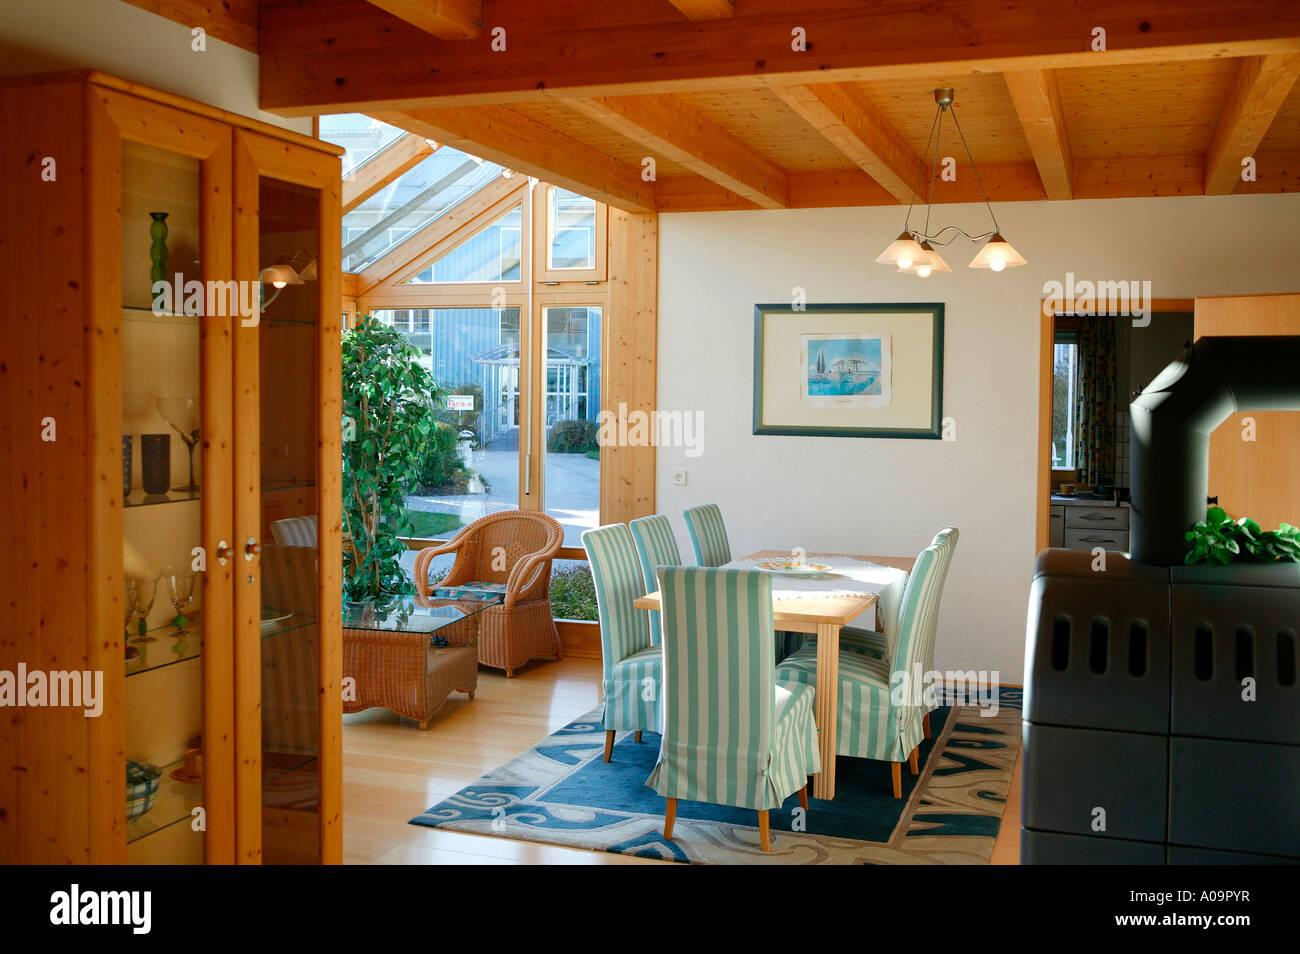 Einfamilienhaus innen Wohnraum Wintergarten family home Stock Photo ...